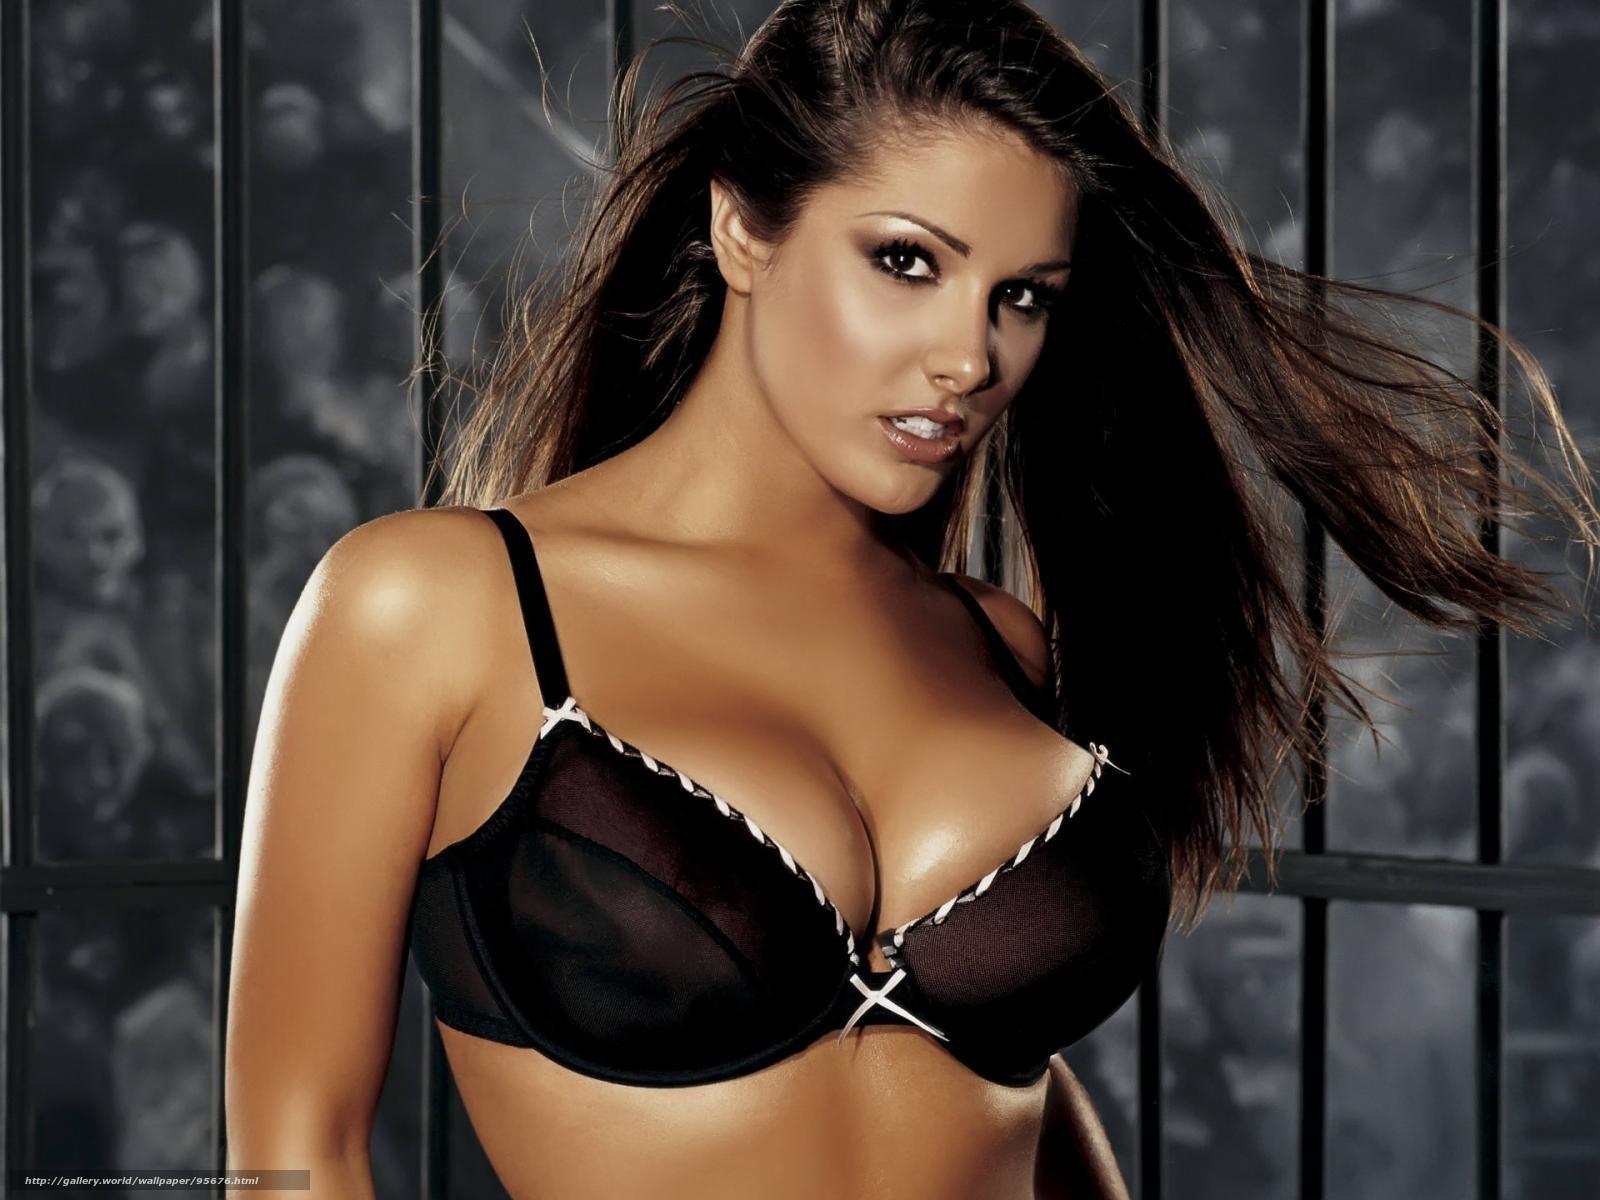 Посмотреть женскую грудь 19 фотография